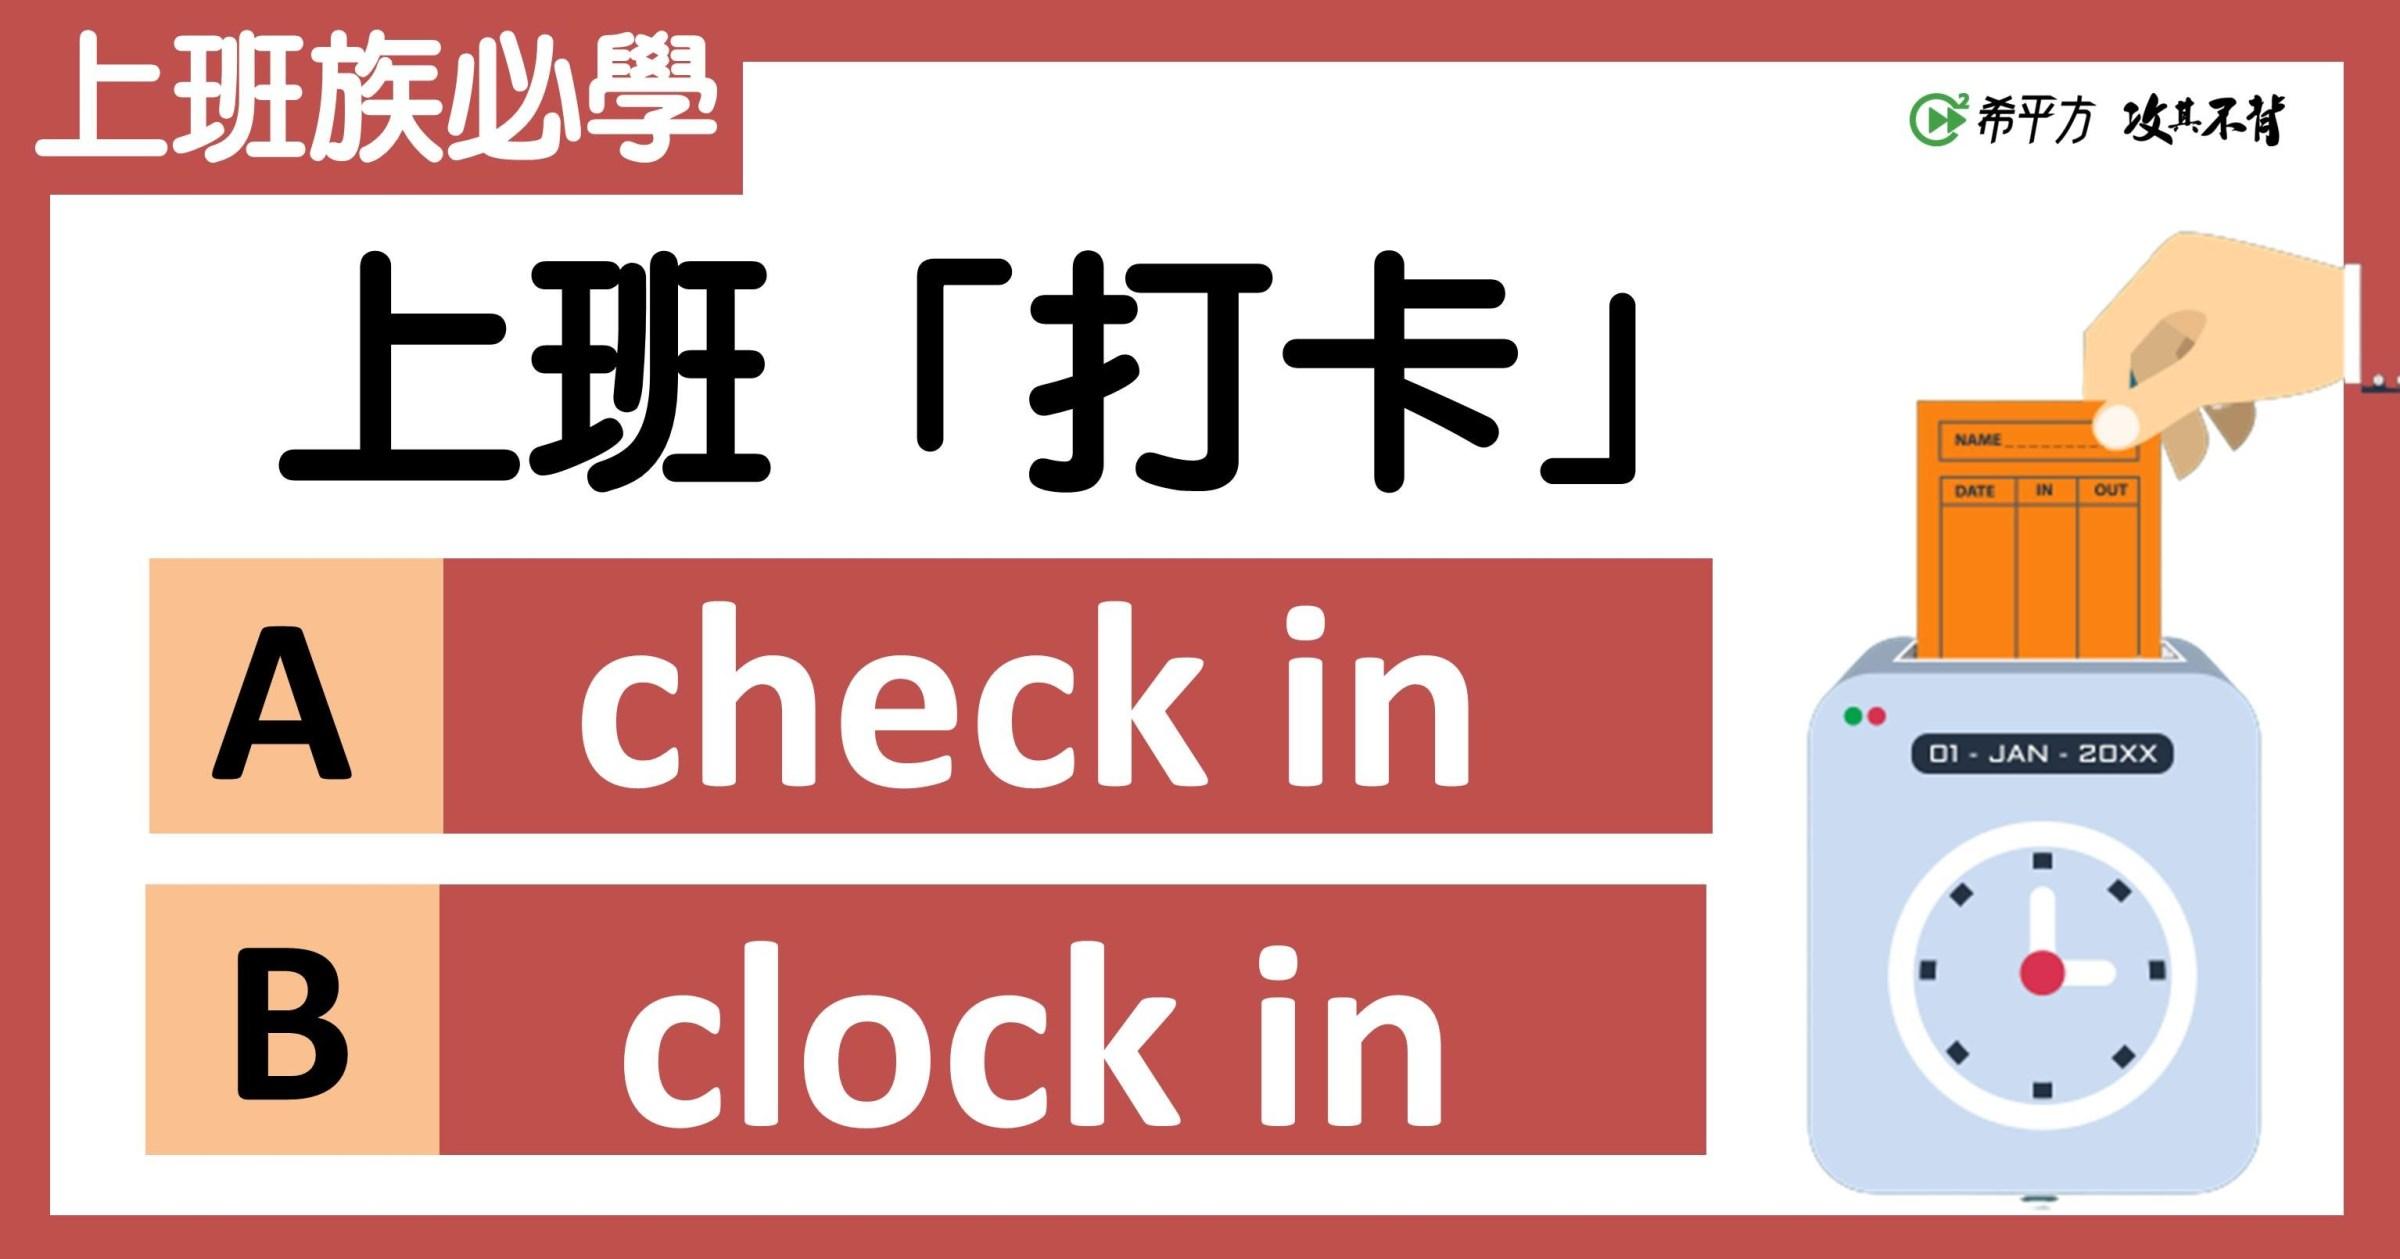 【卡卡英文聊天室】上班『打卡』的英文可以說 check in 嗎? #打卡英文 (152916) - 癮科技 Cool3c